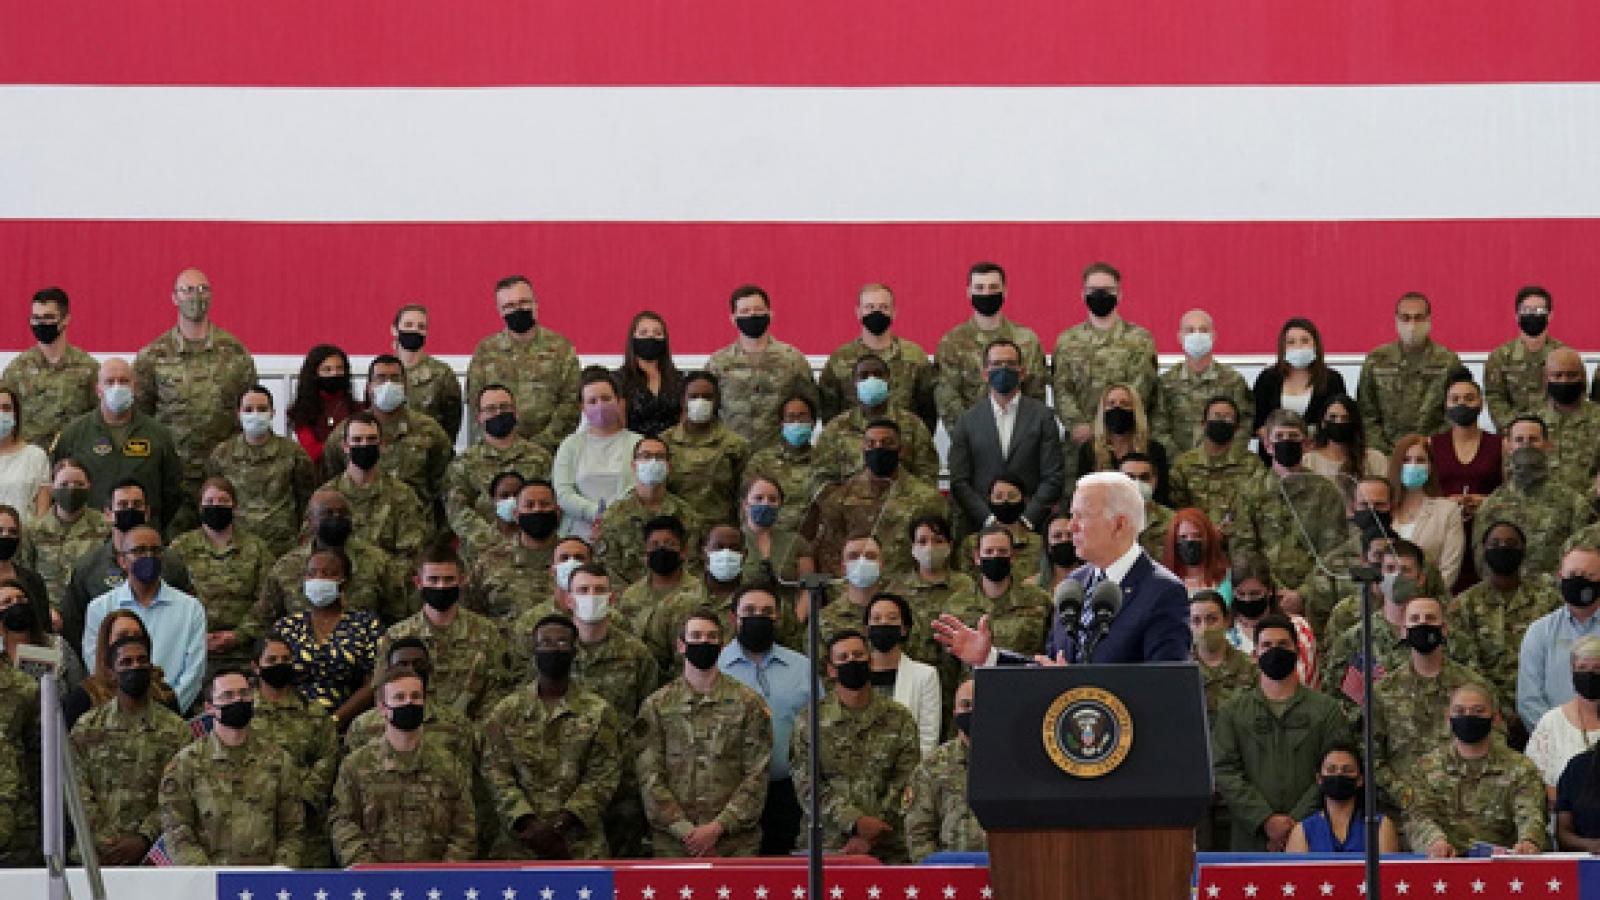 Tổng thống Biden thăm căn cứ không quân Hoàng gia Anh RAF Mildenhall